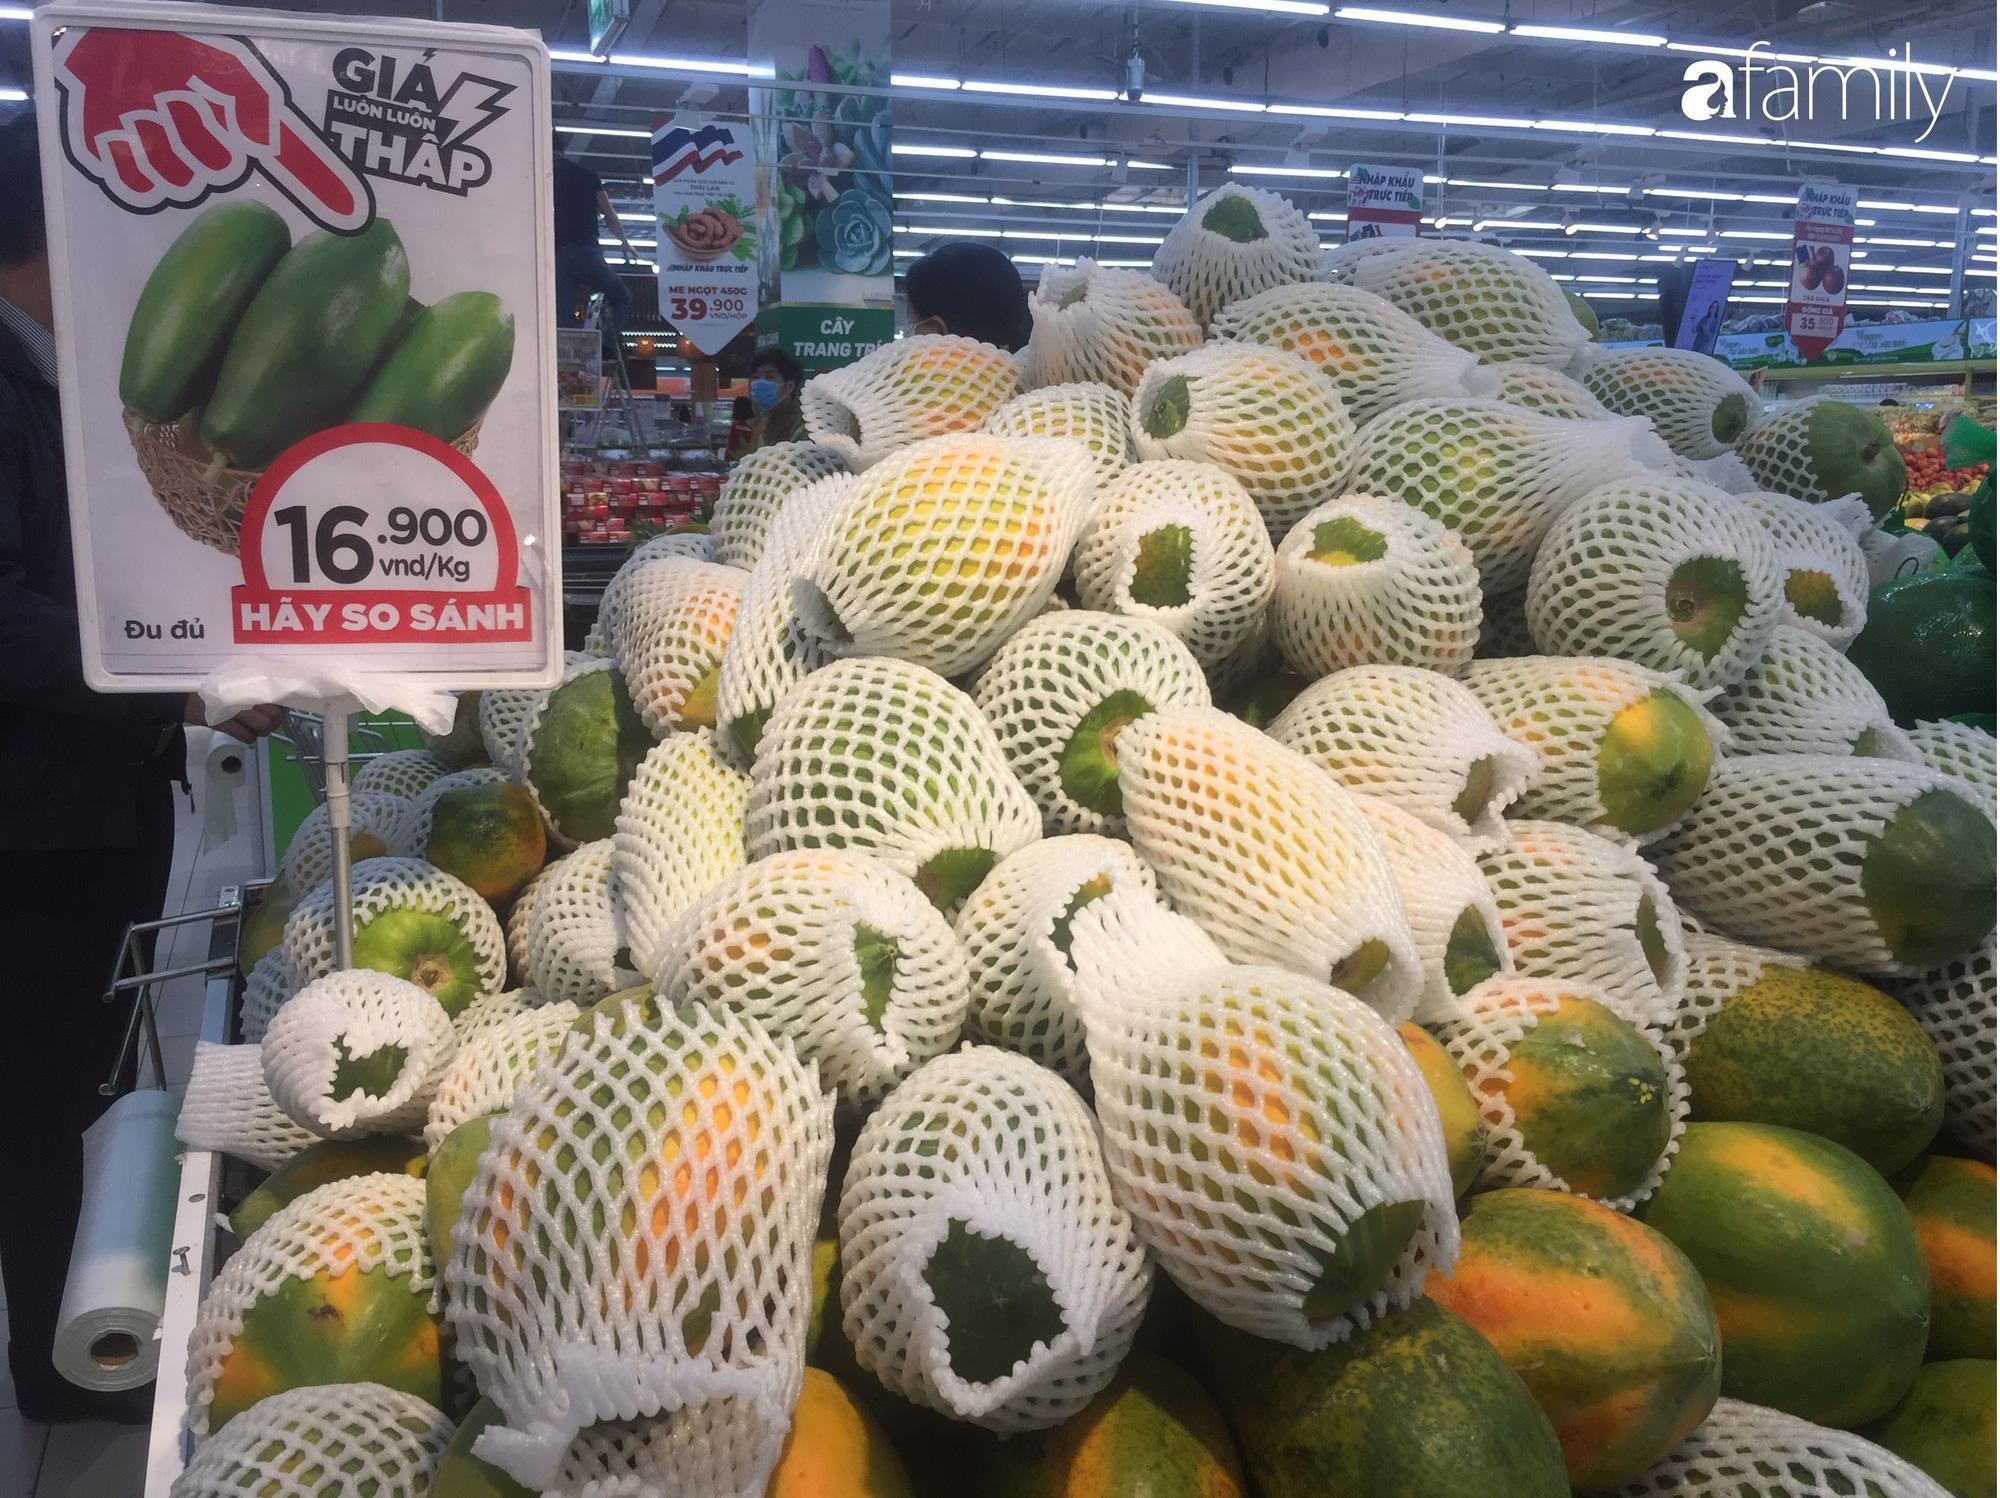 Giá hoa quả trong siêu thị rẻ gấp 3 lần so với thời điểm trước Tết, dưa hấu còn 6.700 đồng/kg - Ảnh 7.